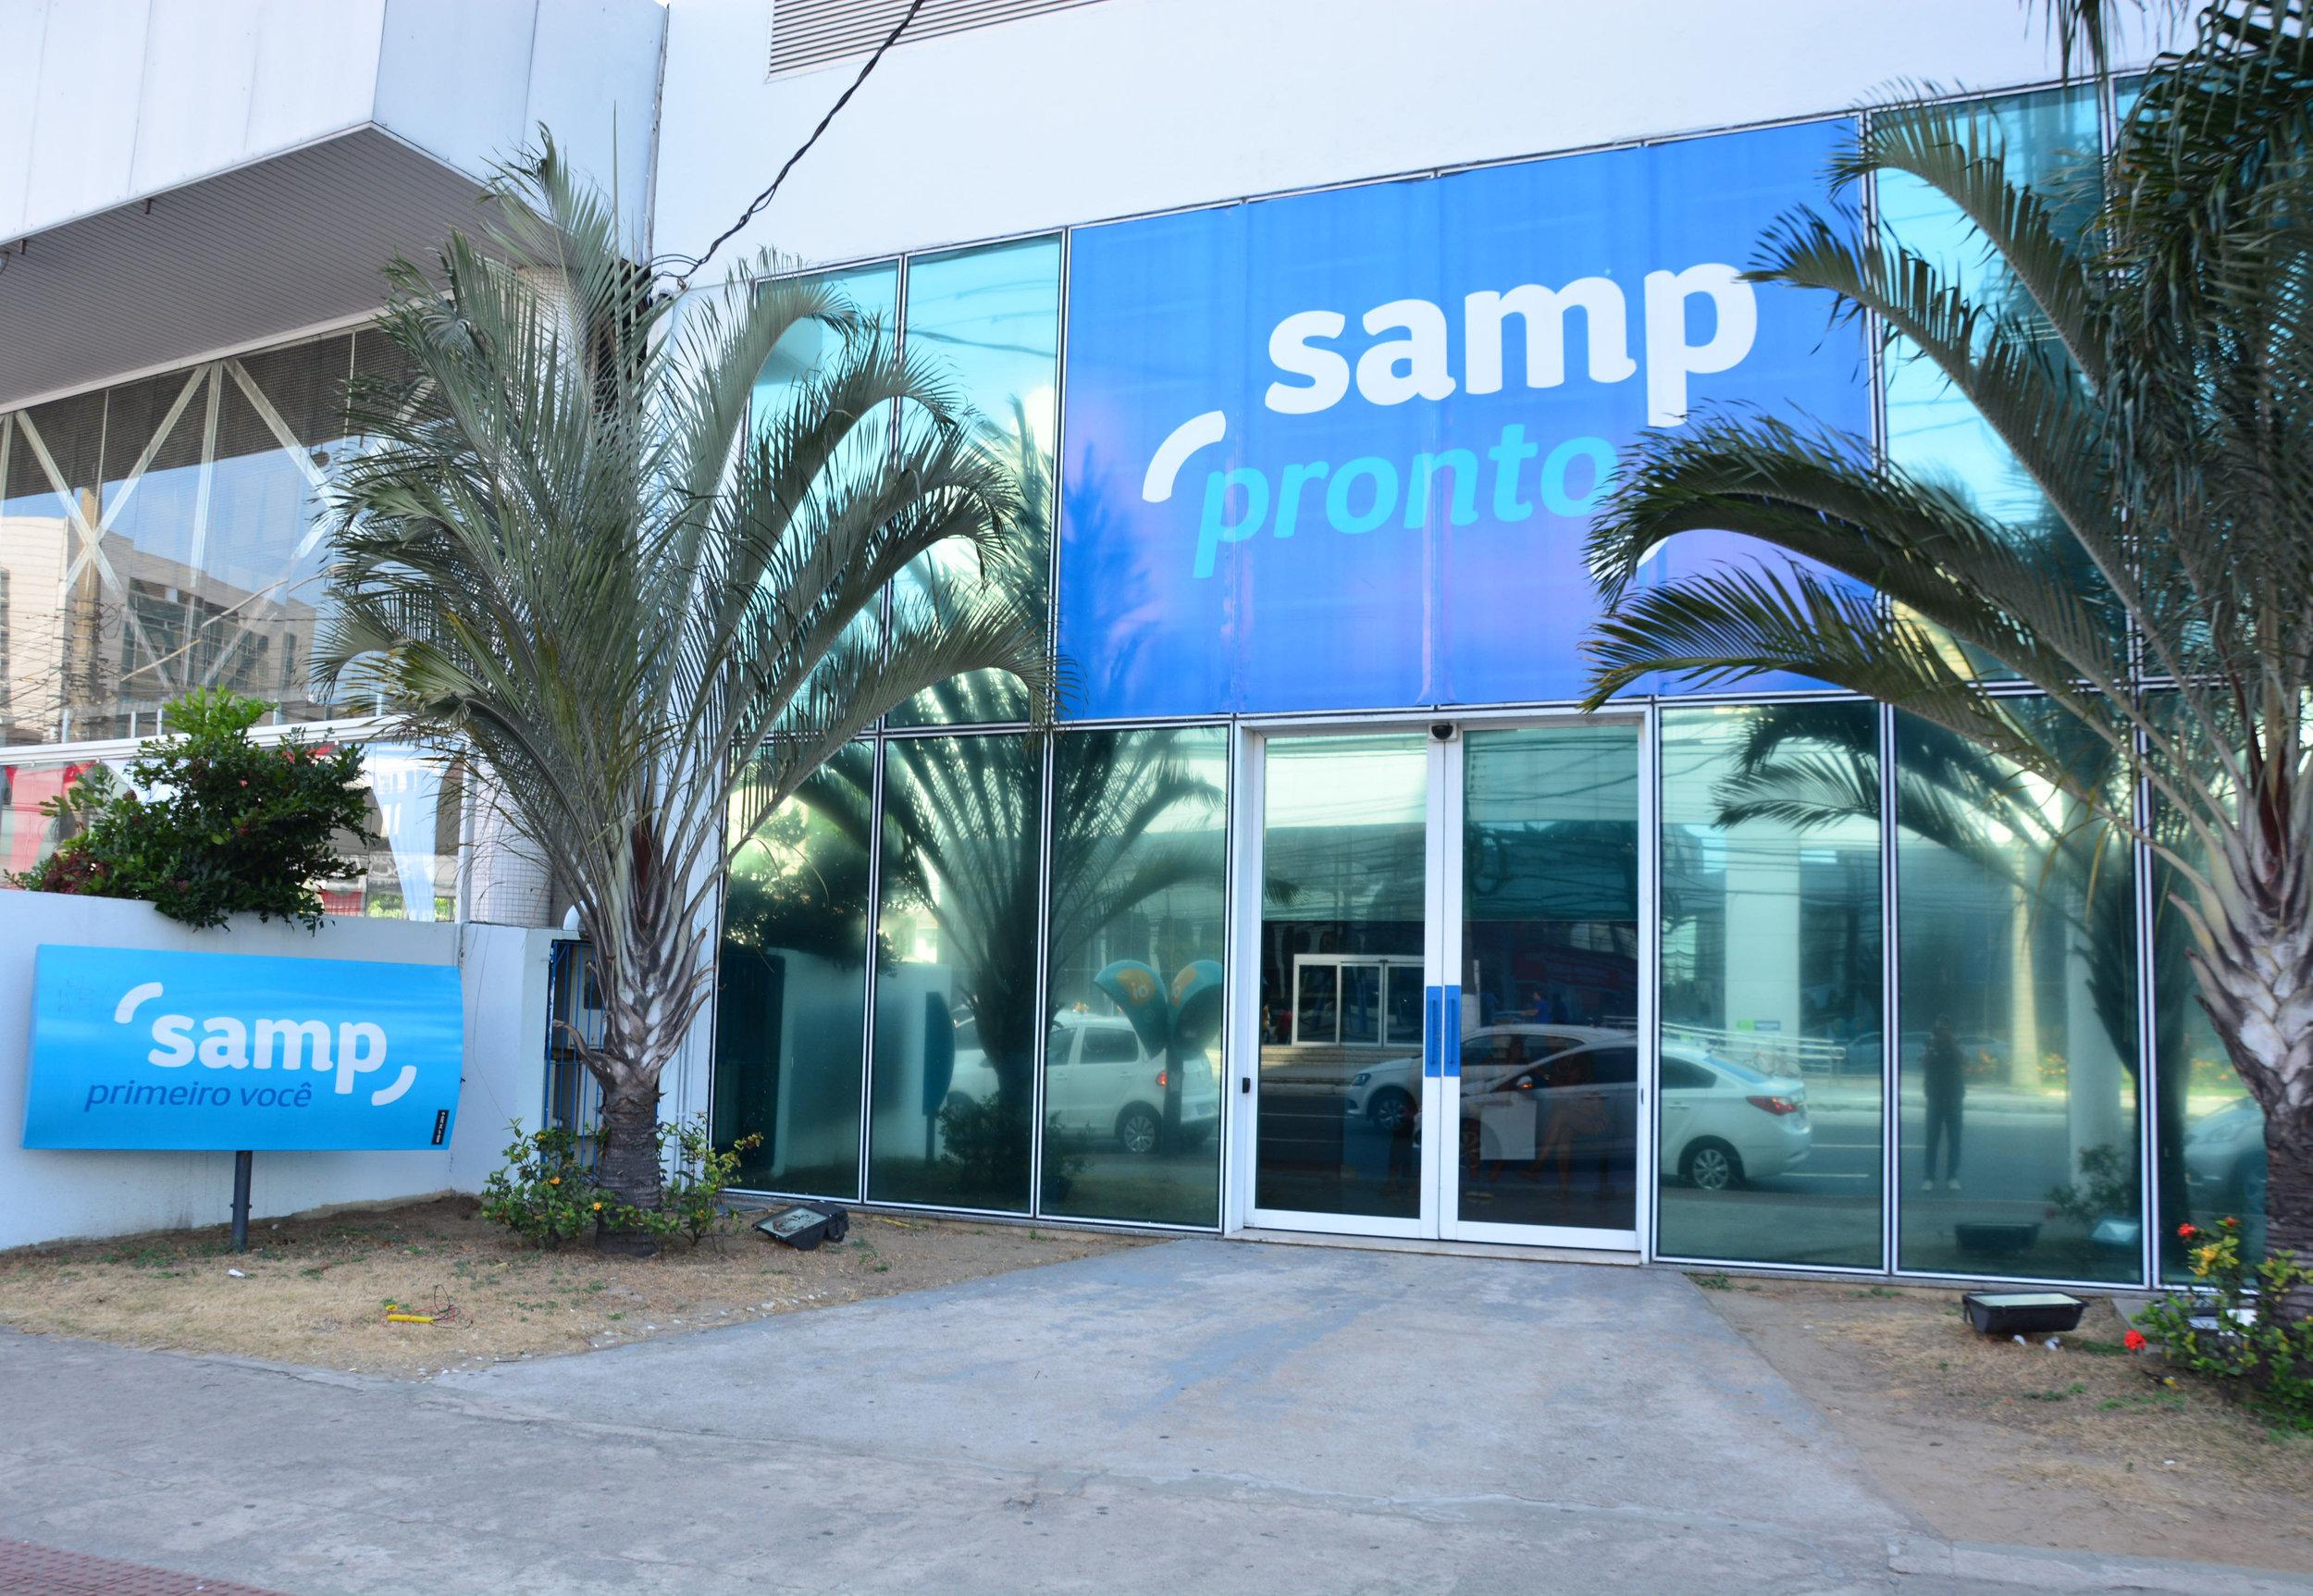 Foto: site da Samp